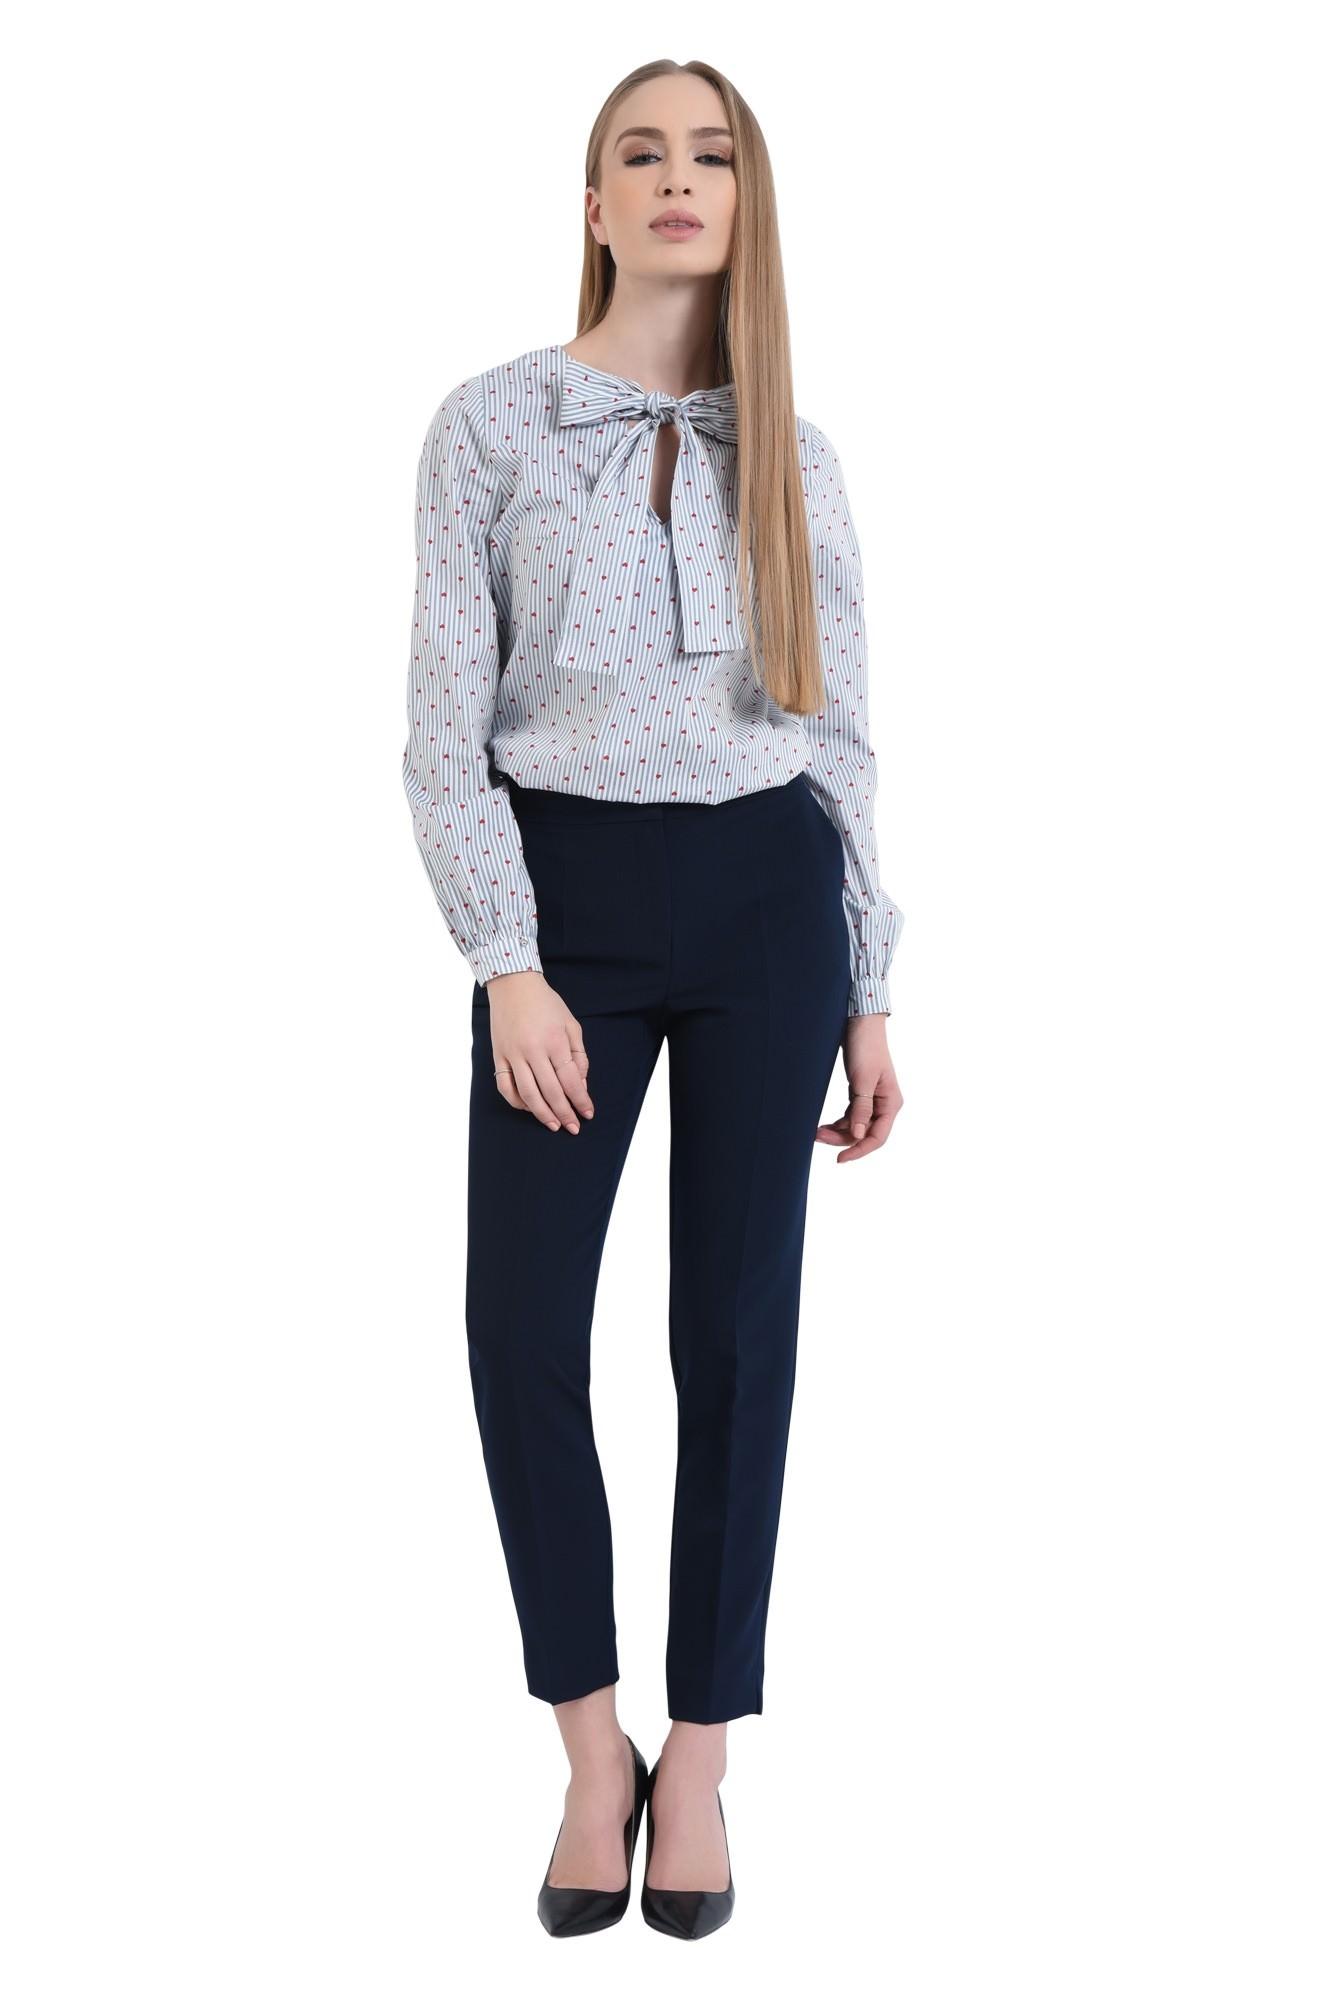 3 - 360 - Pantaloni casual conici